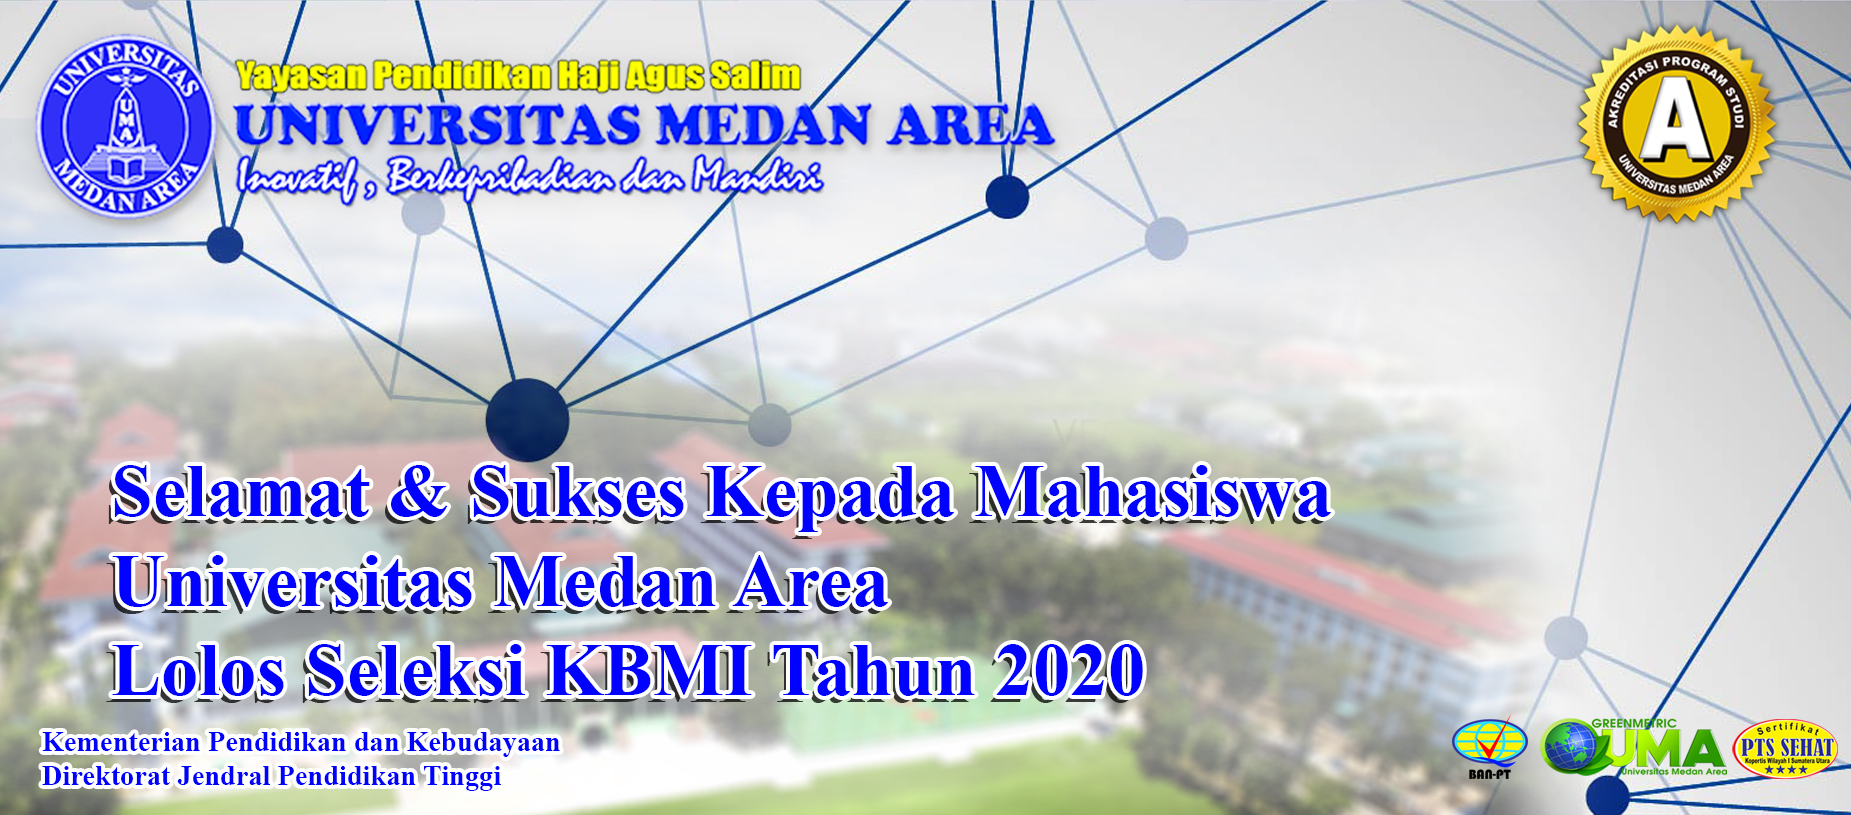 selamat-kepada-mahasiswa-uma-lolos-kbmi-2020.jpg